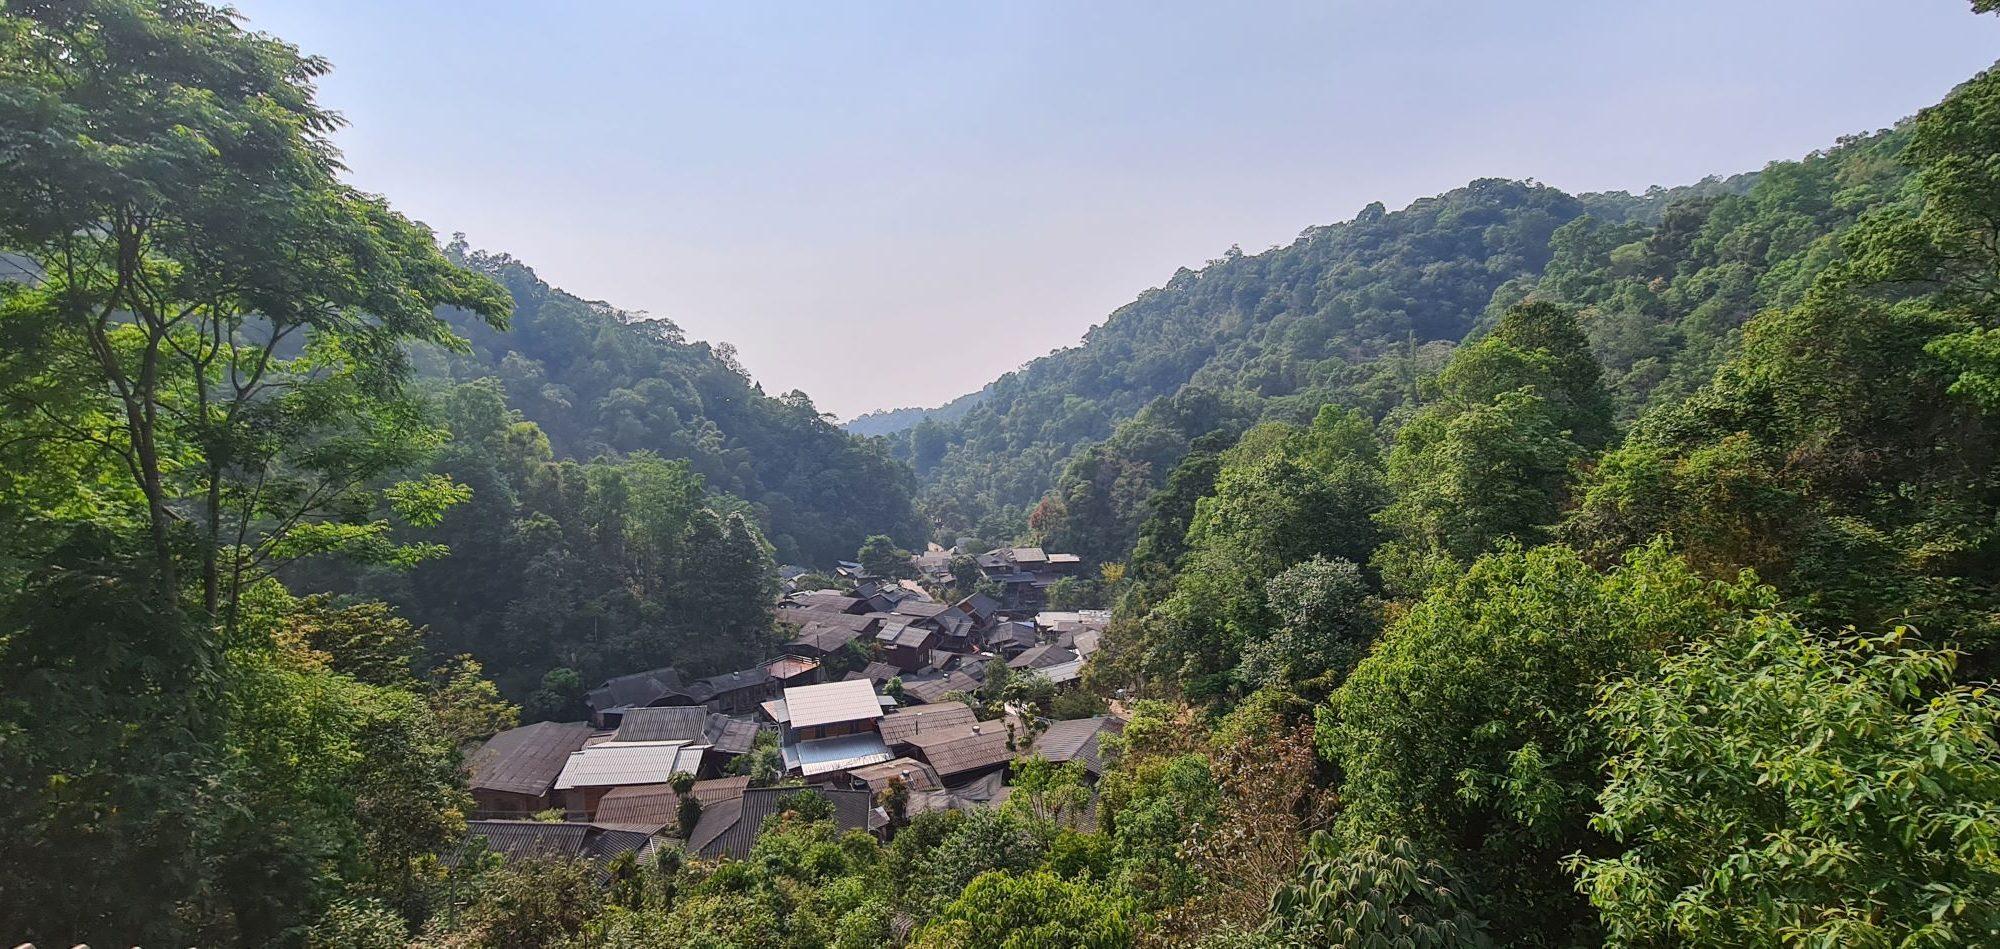 programma rondreis noord thailand 2022